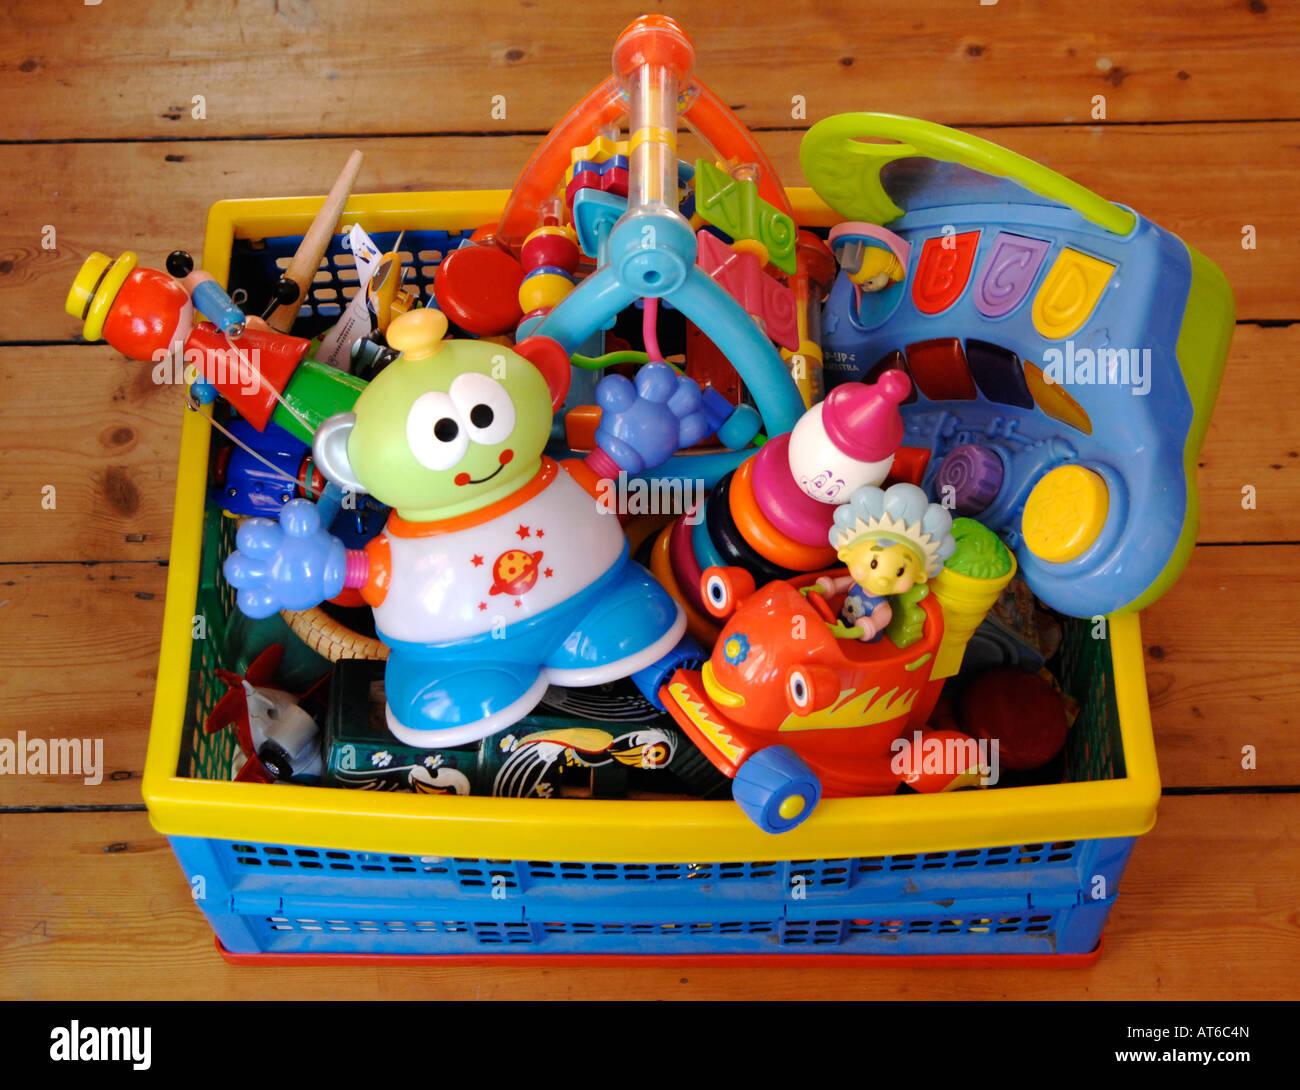 Caisse de jouets d'enfants en plastique coloré Photo Stock